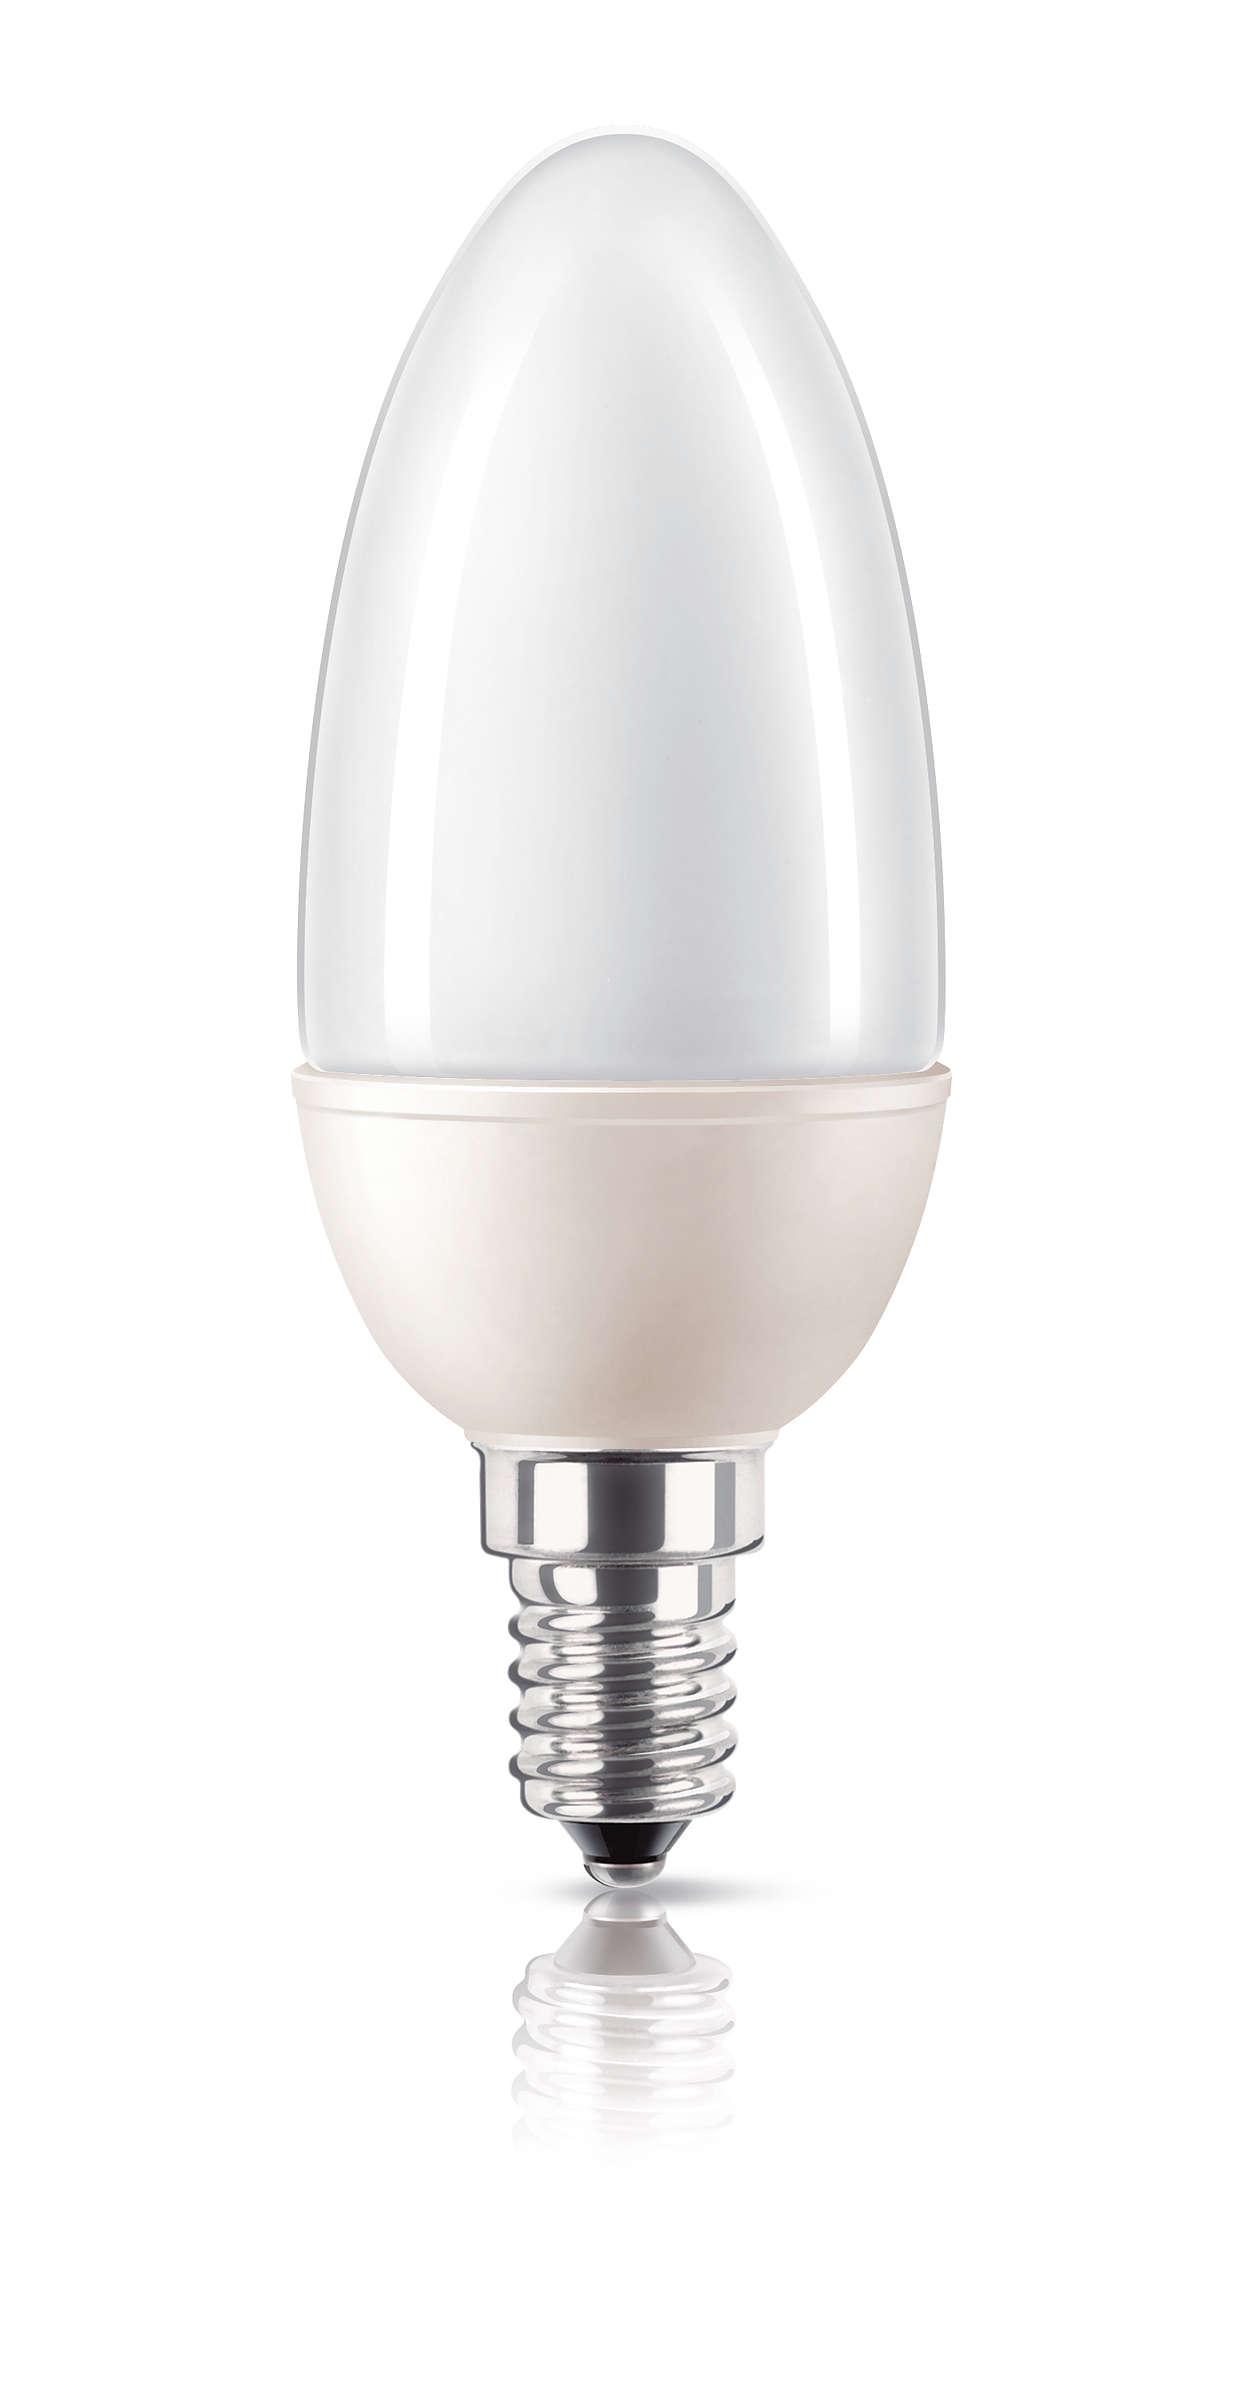 Lâmpada economizadora de energia chama